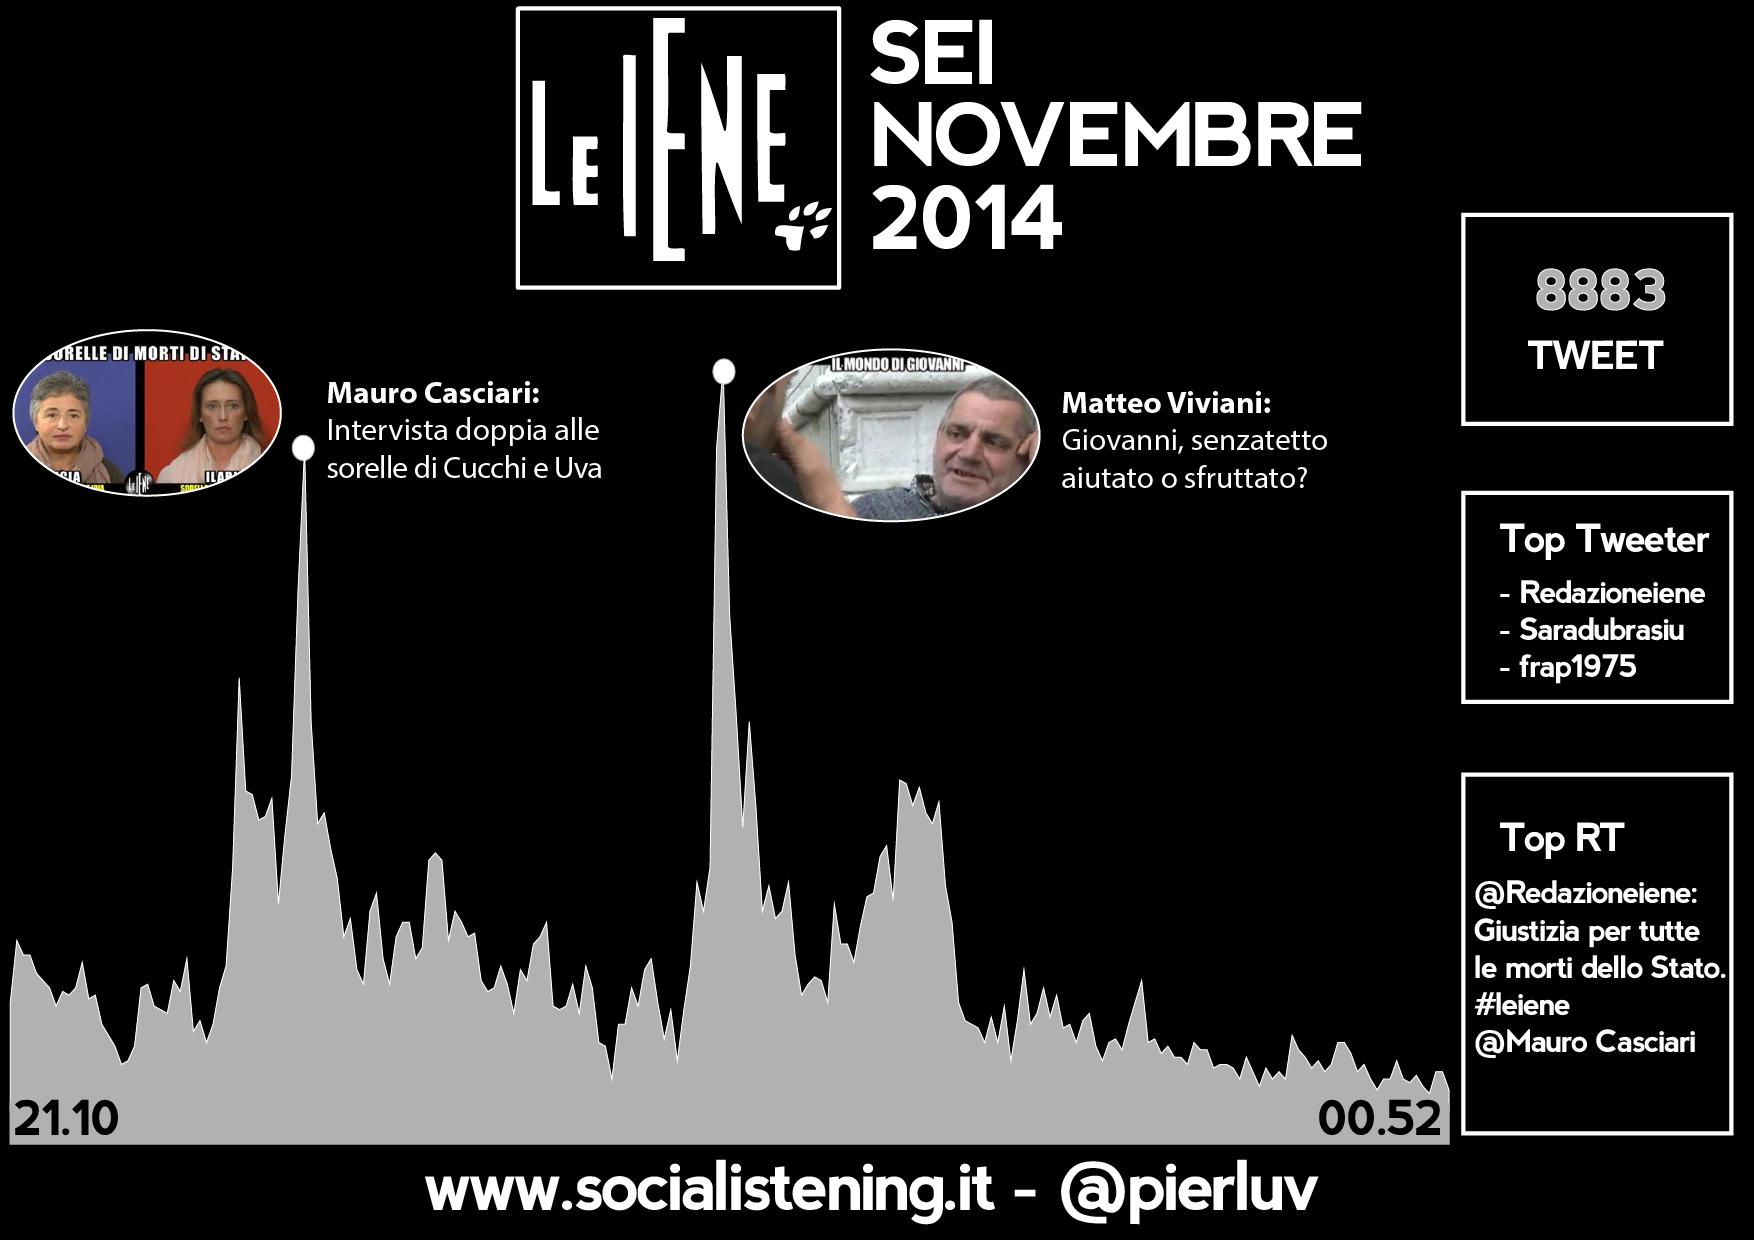 social listening le iene